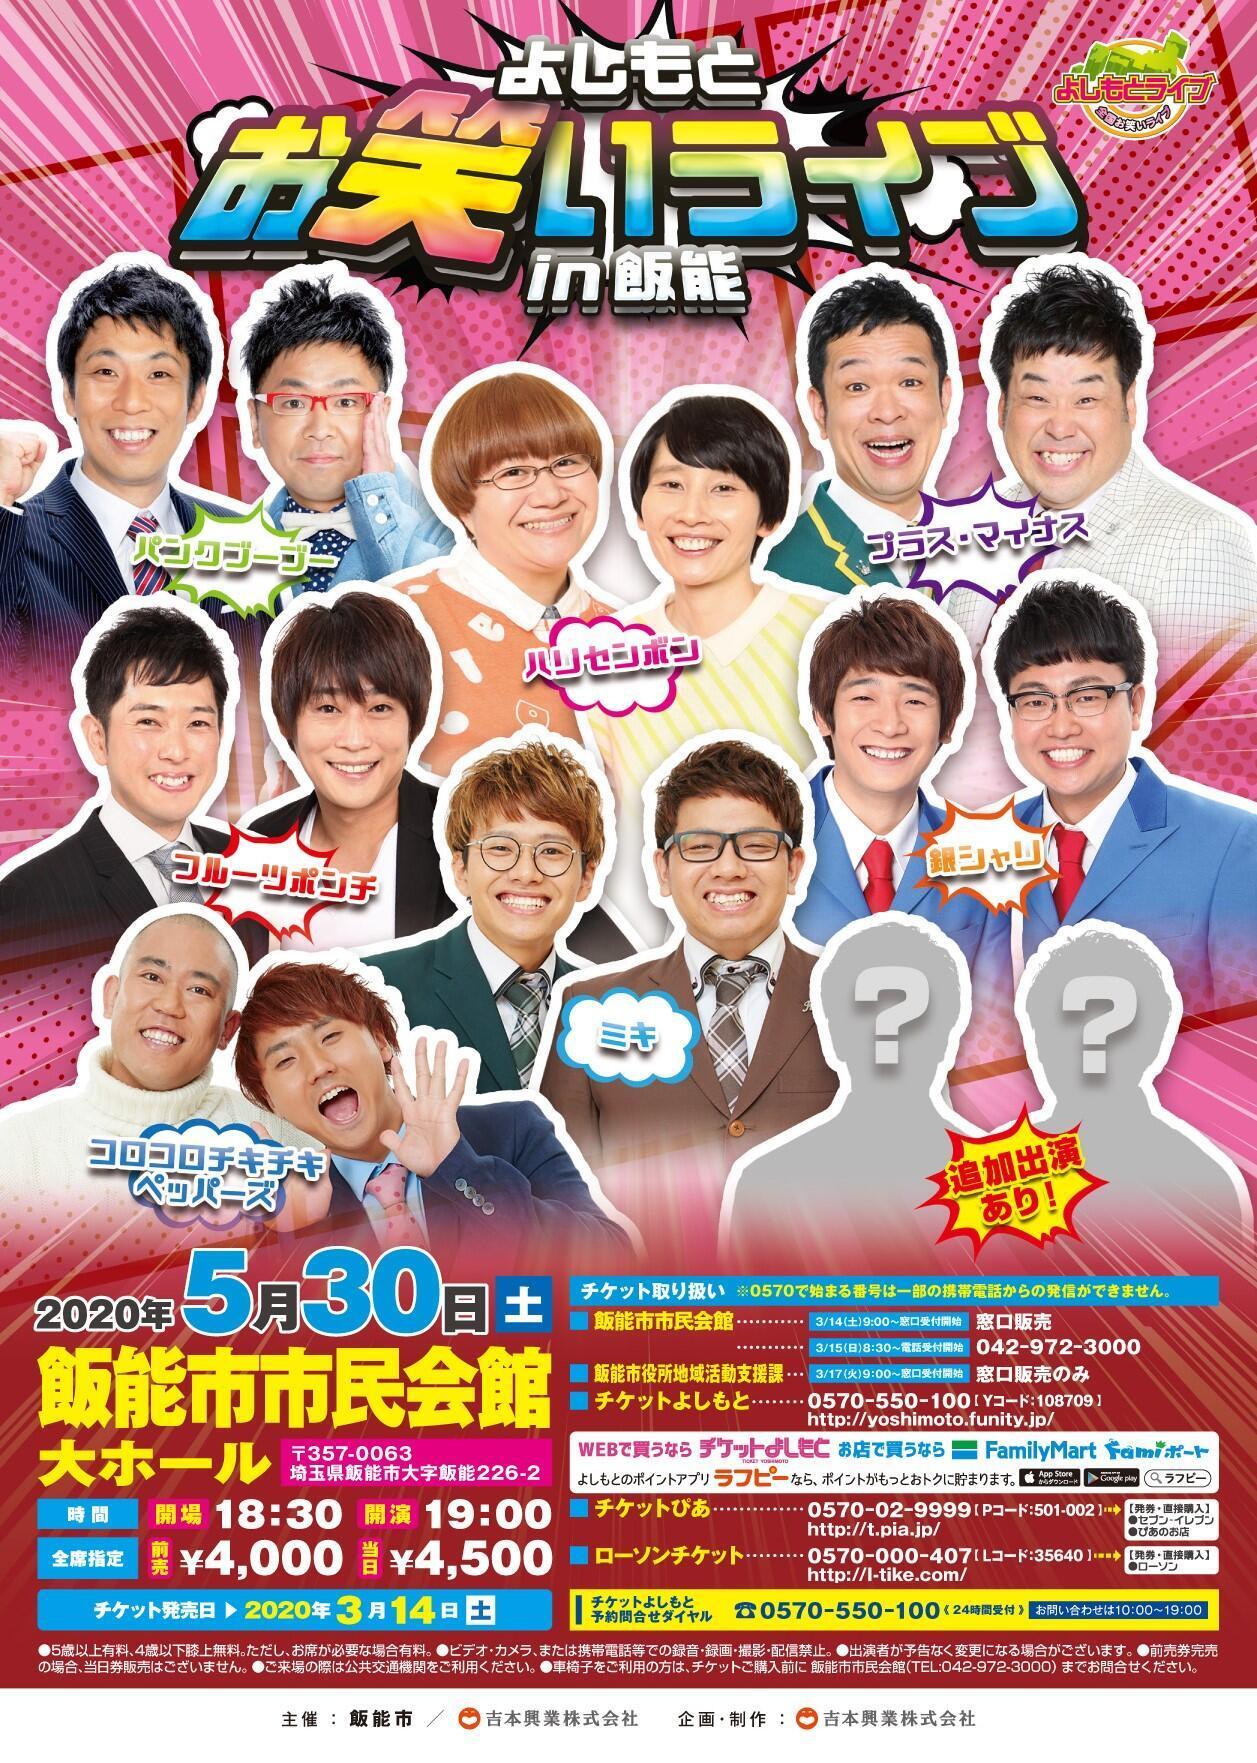 http://www.syumatsu.jp/20200310123722-29cfec9a9f96d33be746b3d7b021e4e5aa36542d.jpg